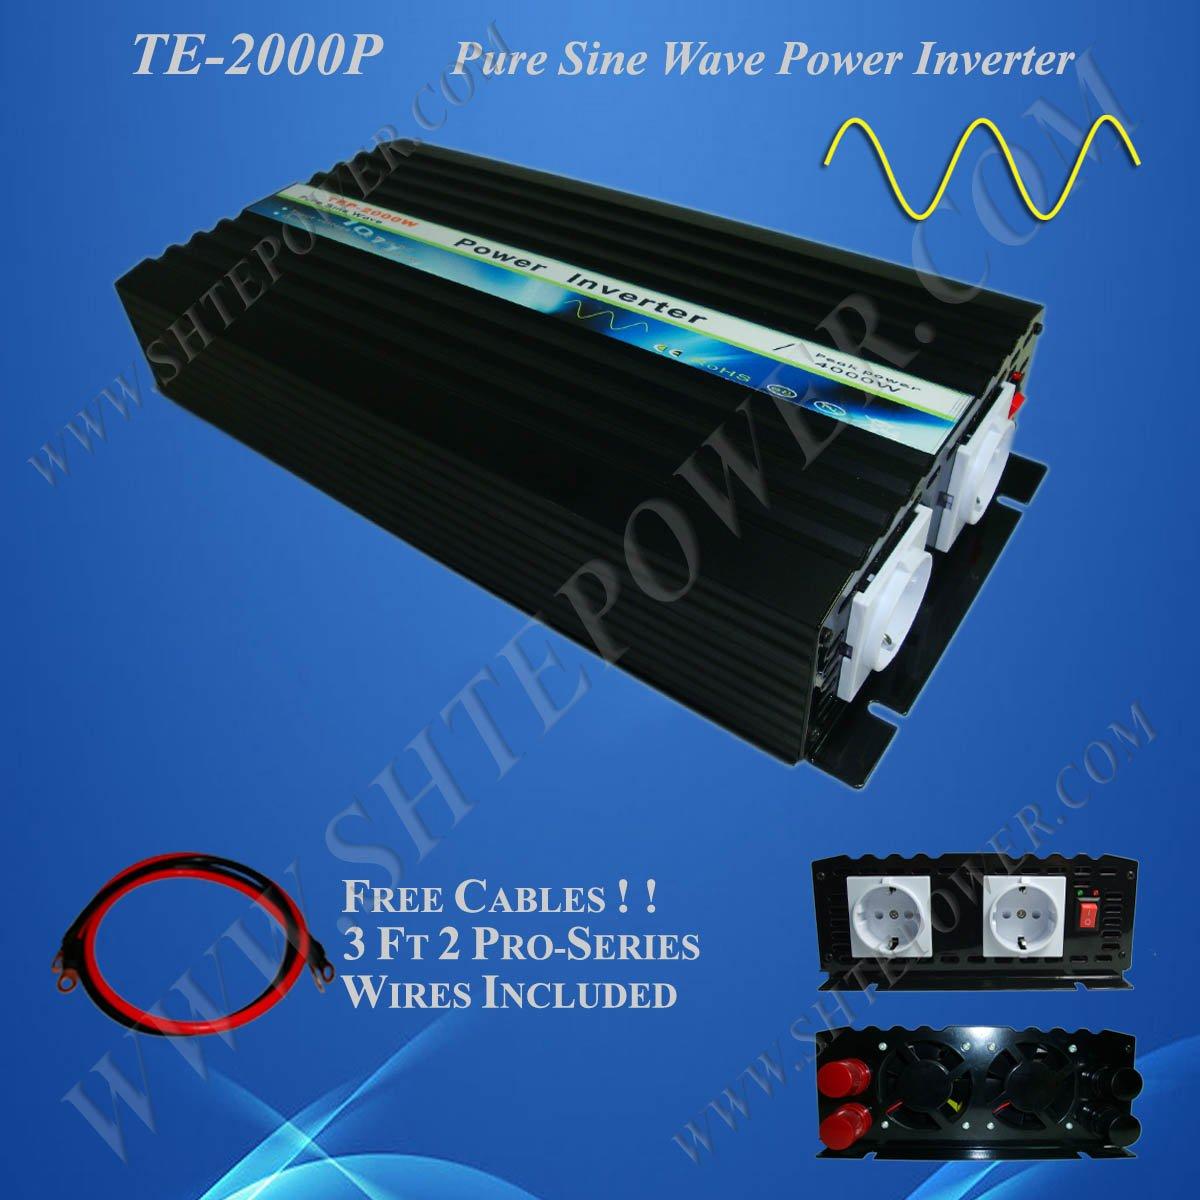 12v inverter 2000 watt 12v/120v 2000w pure sine wave inverter 12v 240v inverter joudisk 12v